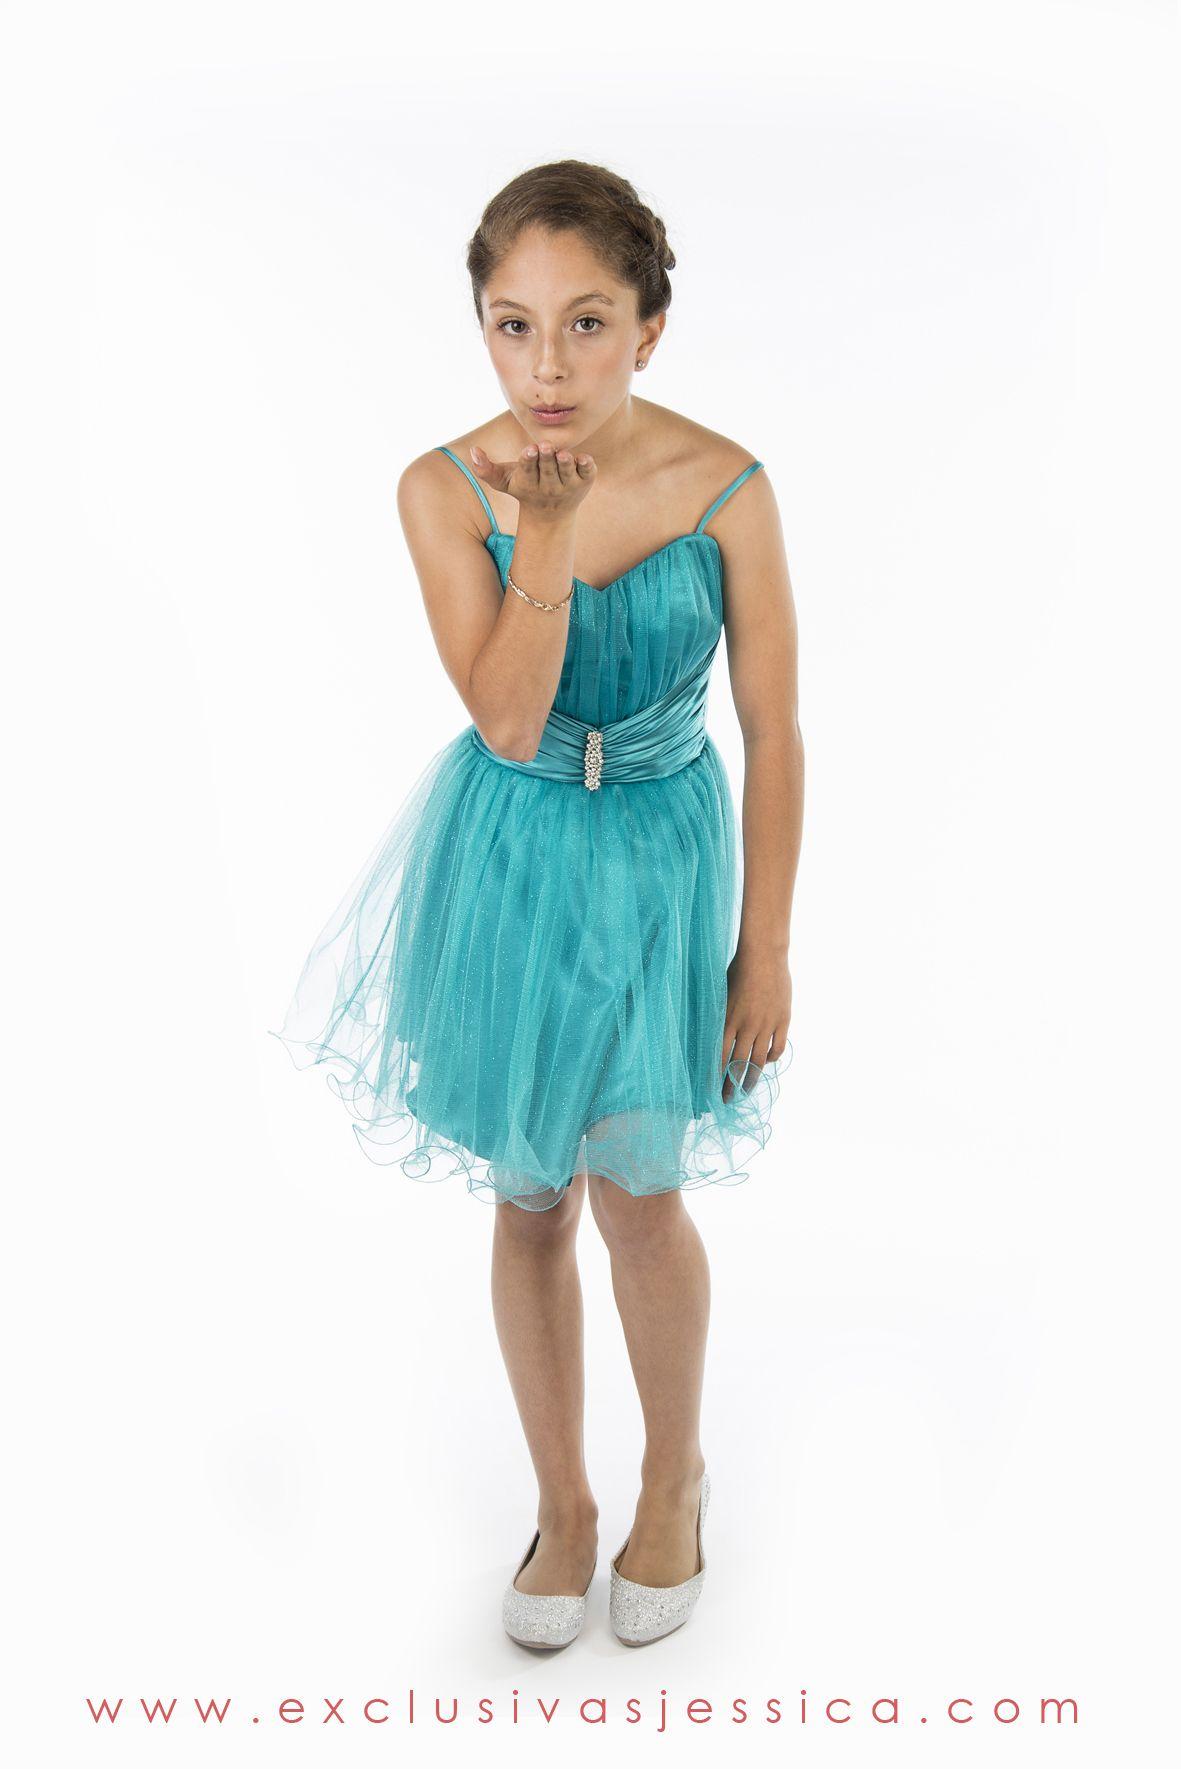 997d3cdd9 Jessica Vestidos  fiesta  gala  moda  drees  vestidos  juniors  graduación   graduaciones  mexico  DF  15Años  fifteen  graduation  ropa  cool  vestido  ...